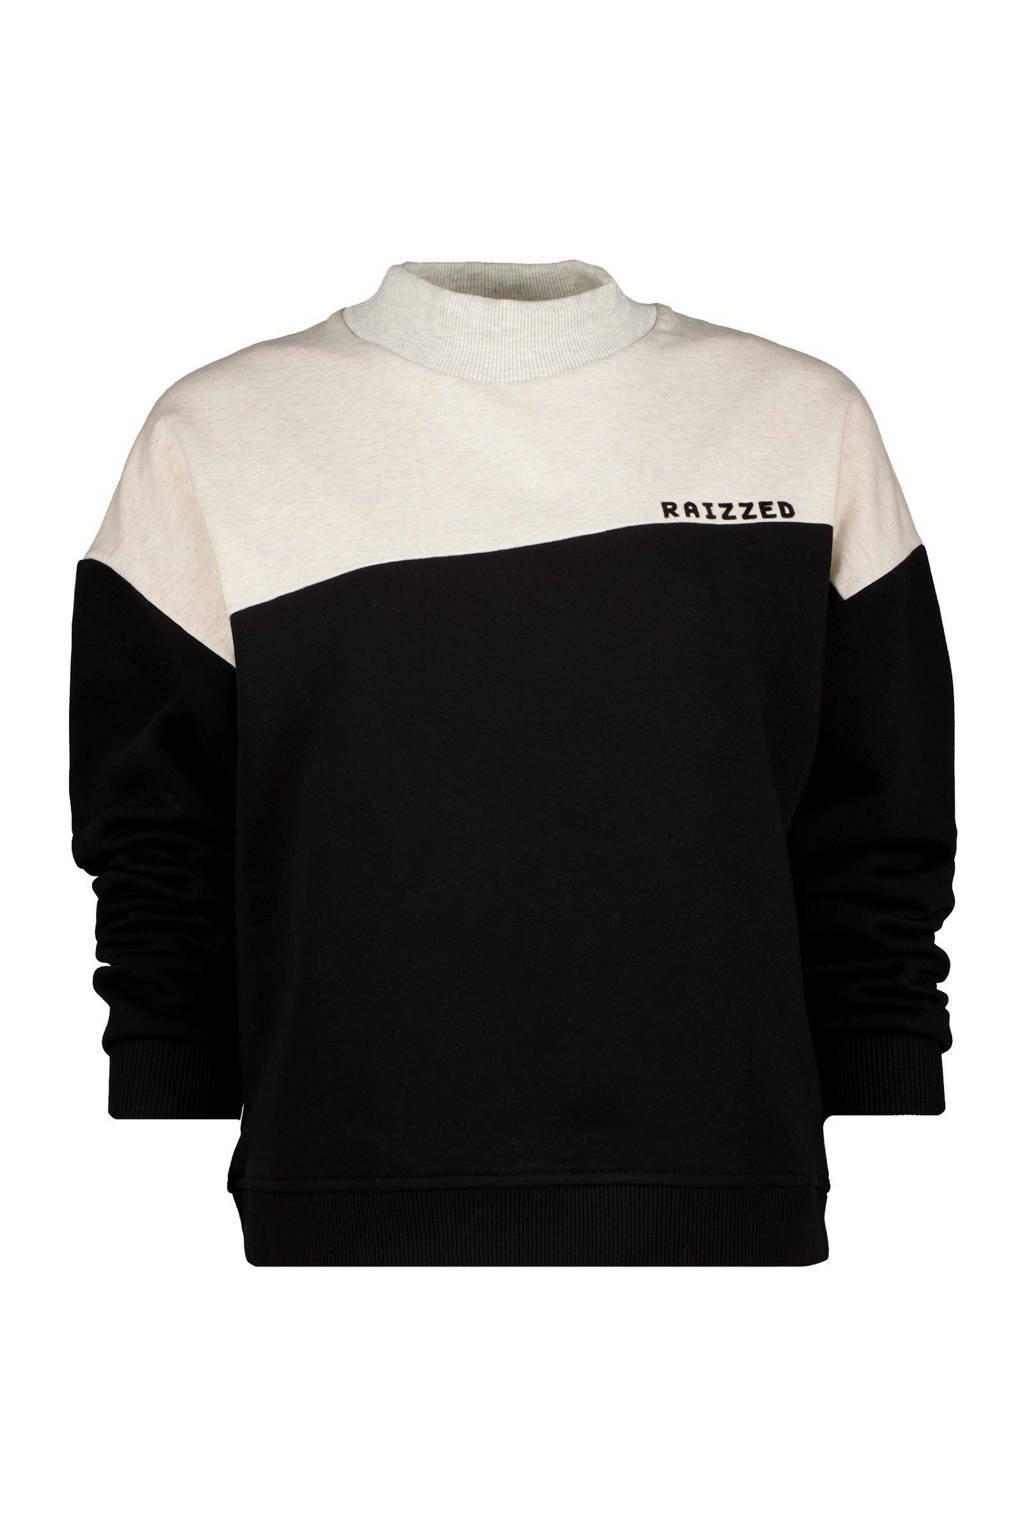 Raizzed sweater NADIA zwart/wit, Zwart/wit